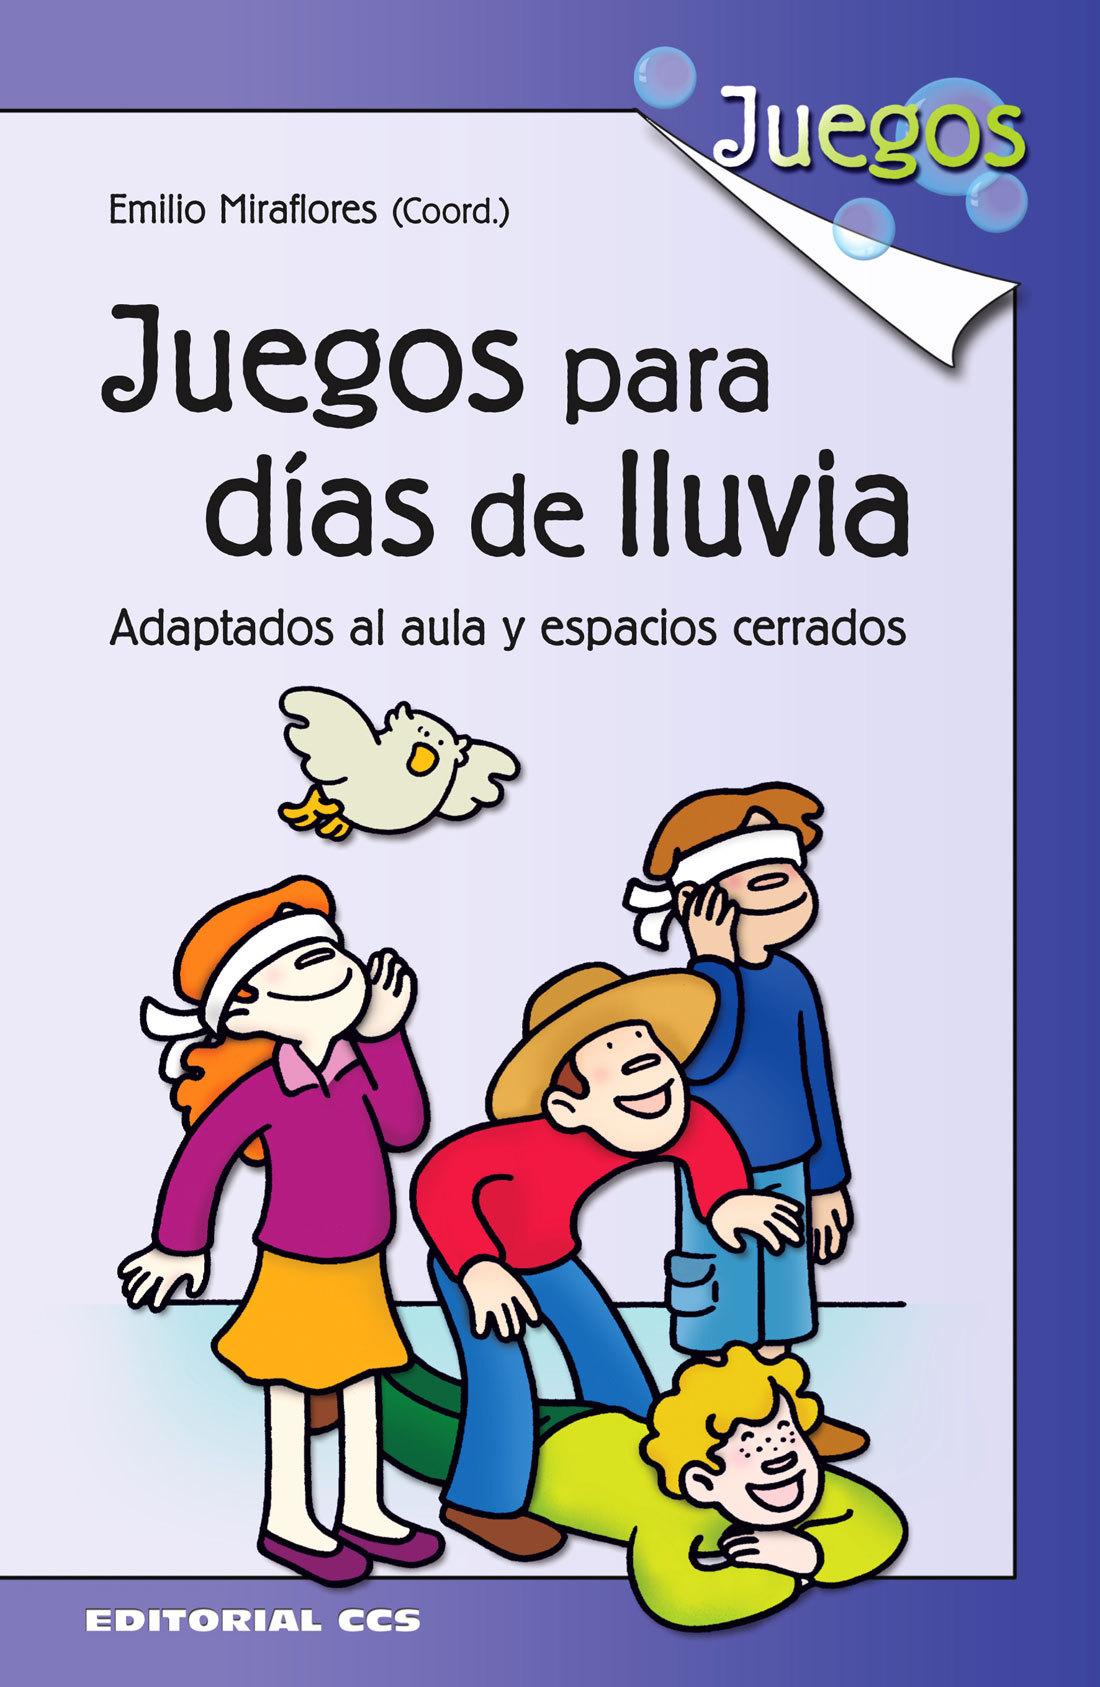 JUEGOS PARA DÍAS DE LLUVIA. ADAPTADOS AL AULA Y ESPACIOS CERRADOS